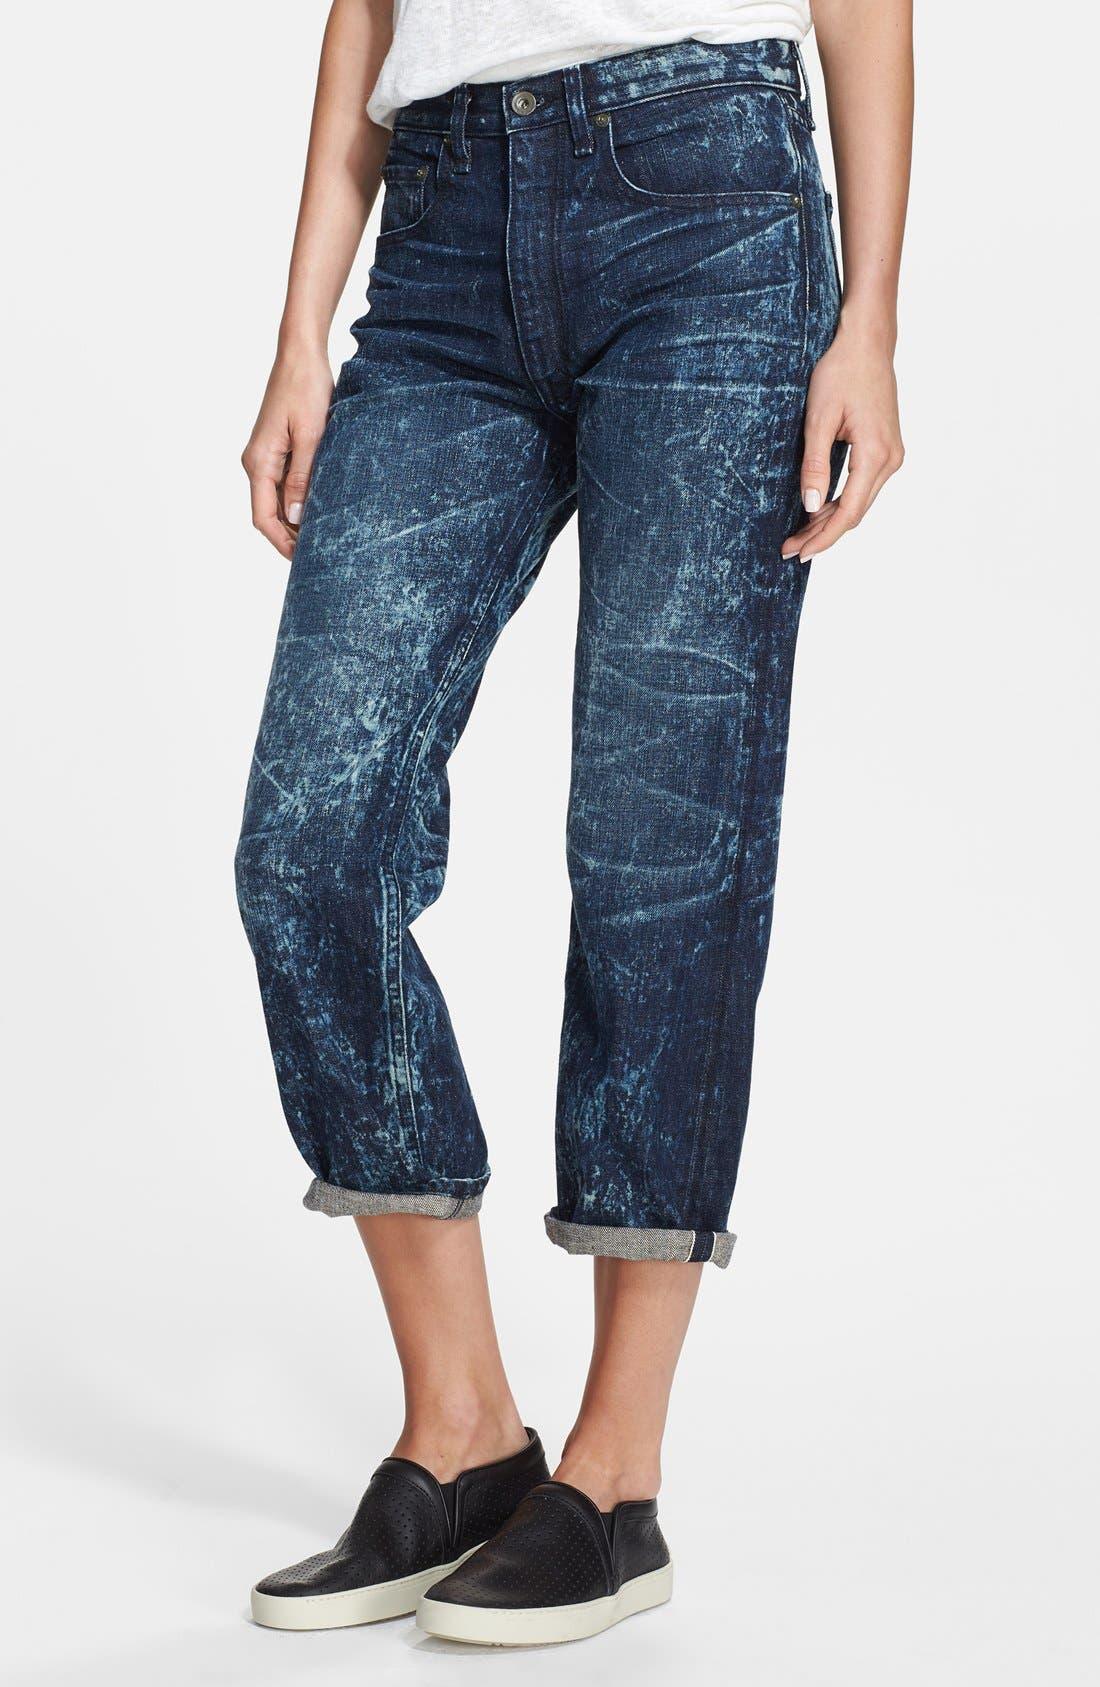 Main Image - rag & bone/JEAN 'Marilyn' Crop Jeans (Acid)